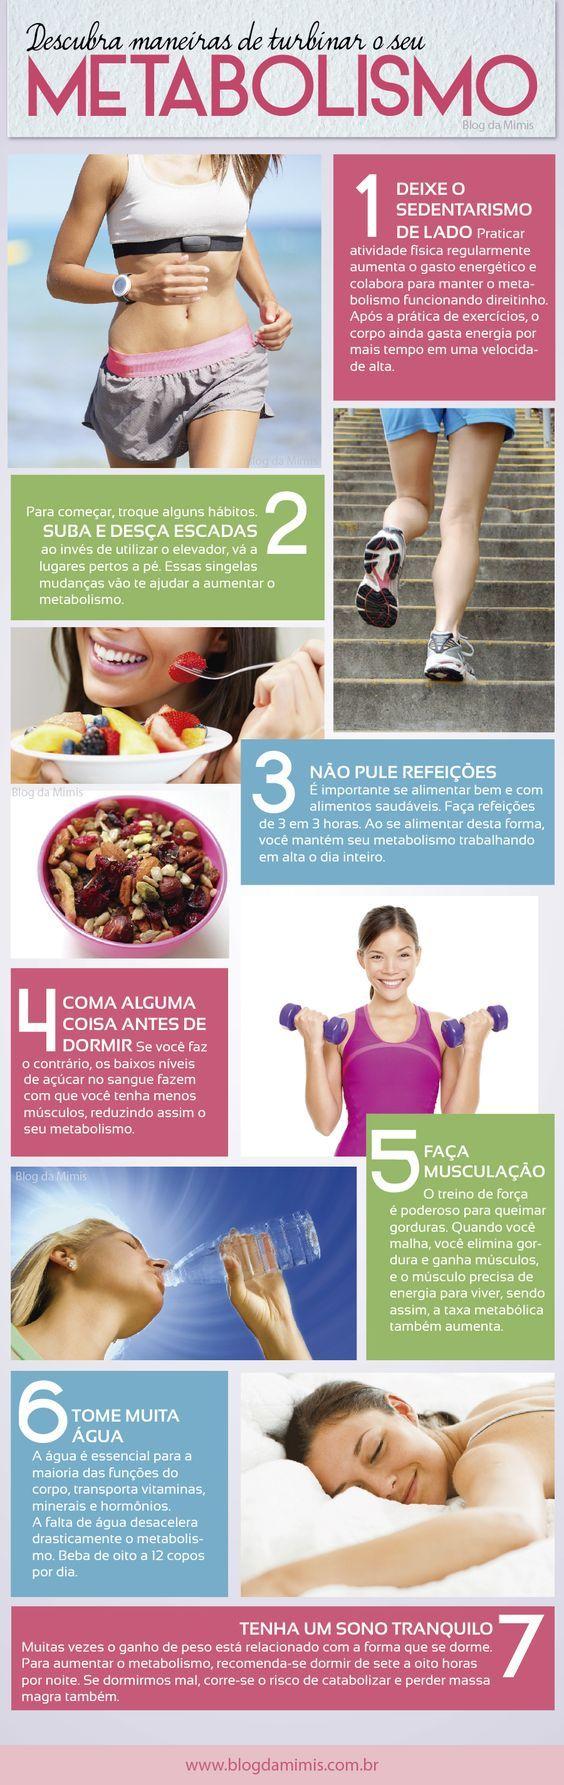 Saiba como turbinar seu metabolismo para perder peso e entrar em forma! Mais dicas você confere aqui: https://go.hotmart.com/P6310121E?ap=1323